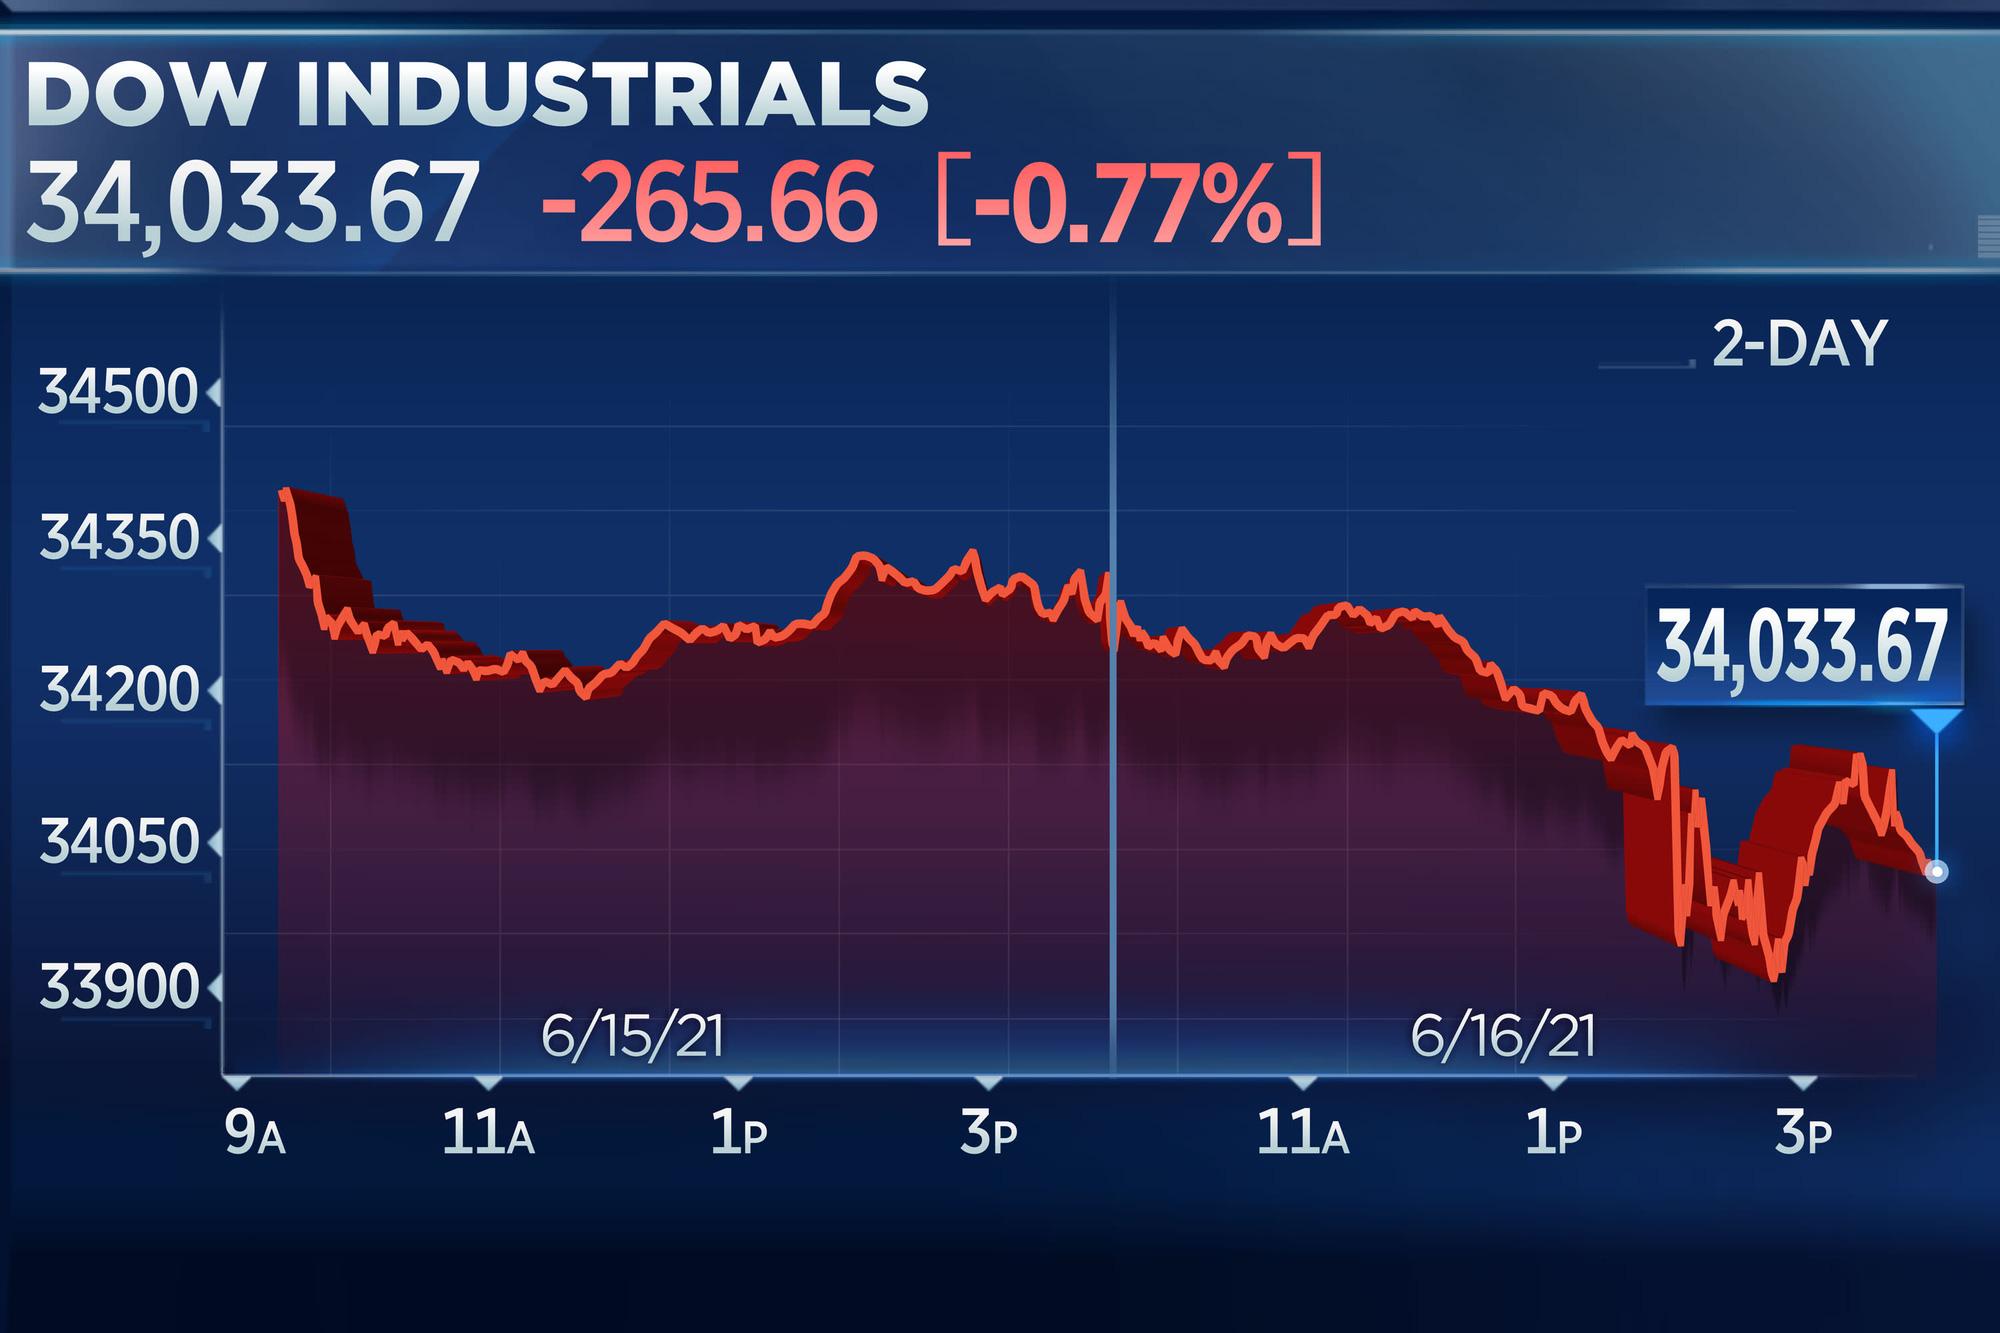 Chứng khoán Mỹ trượt dốc sau khi Fed ra tín hiệu tăng lãi suất - Ảnh 2.